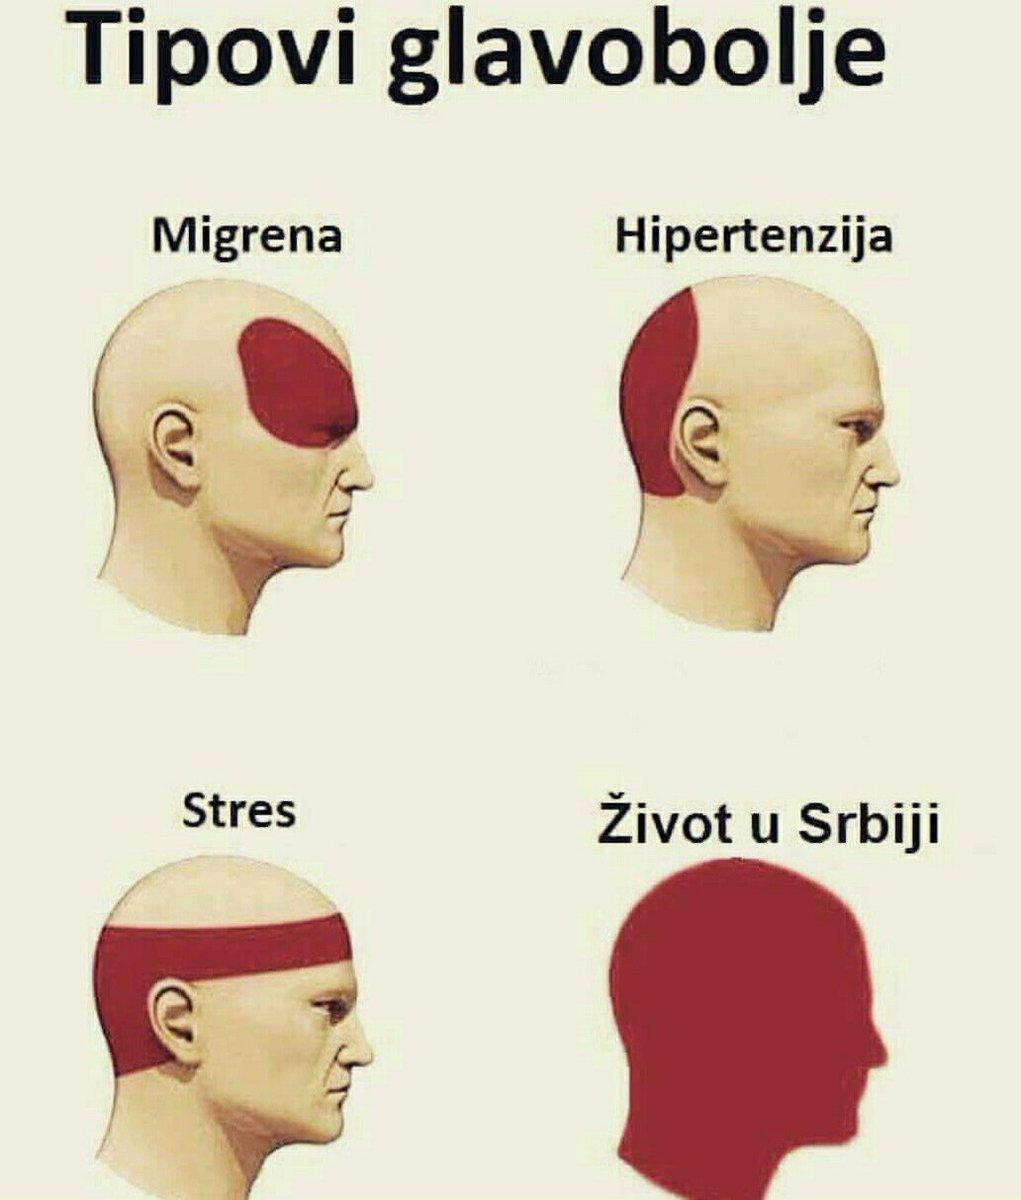 gdje glavobolja i hipertenzije